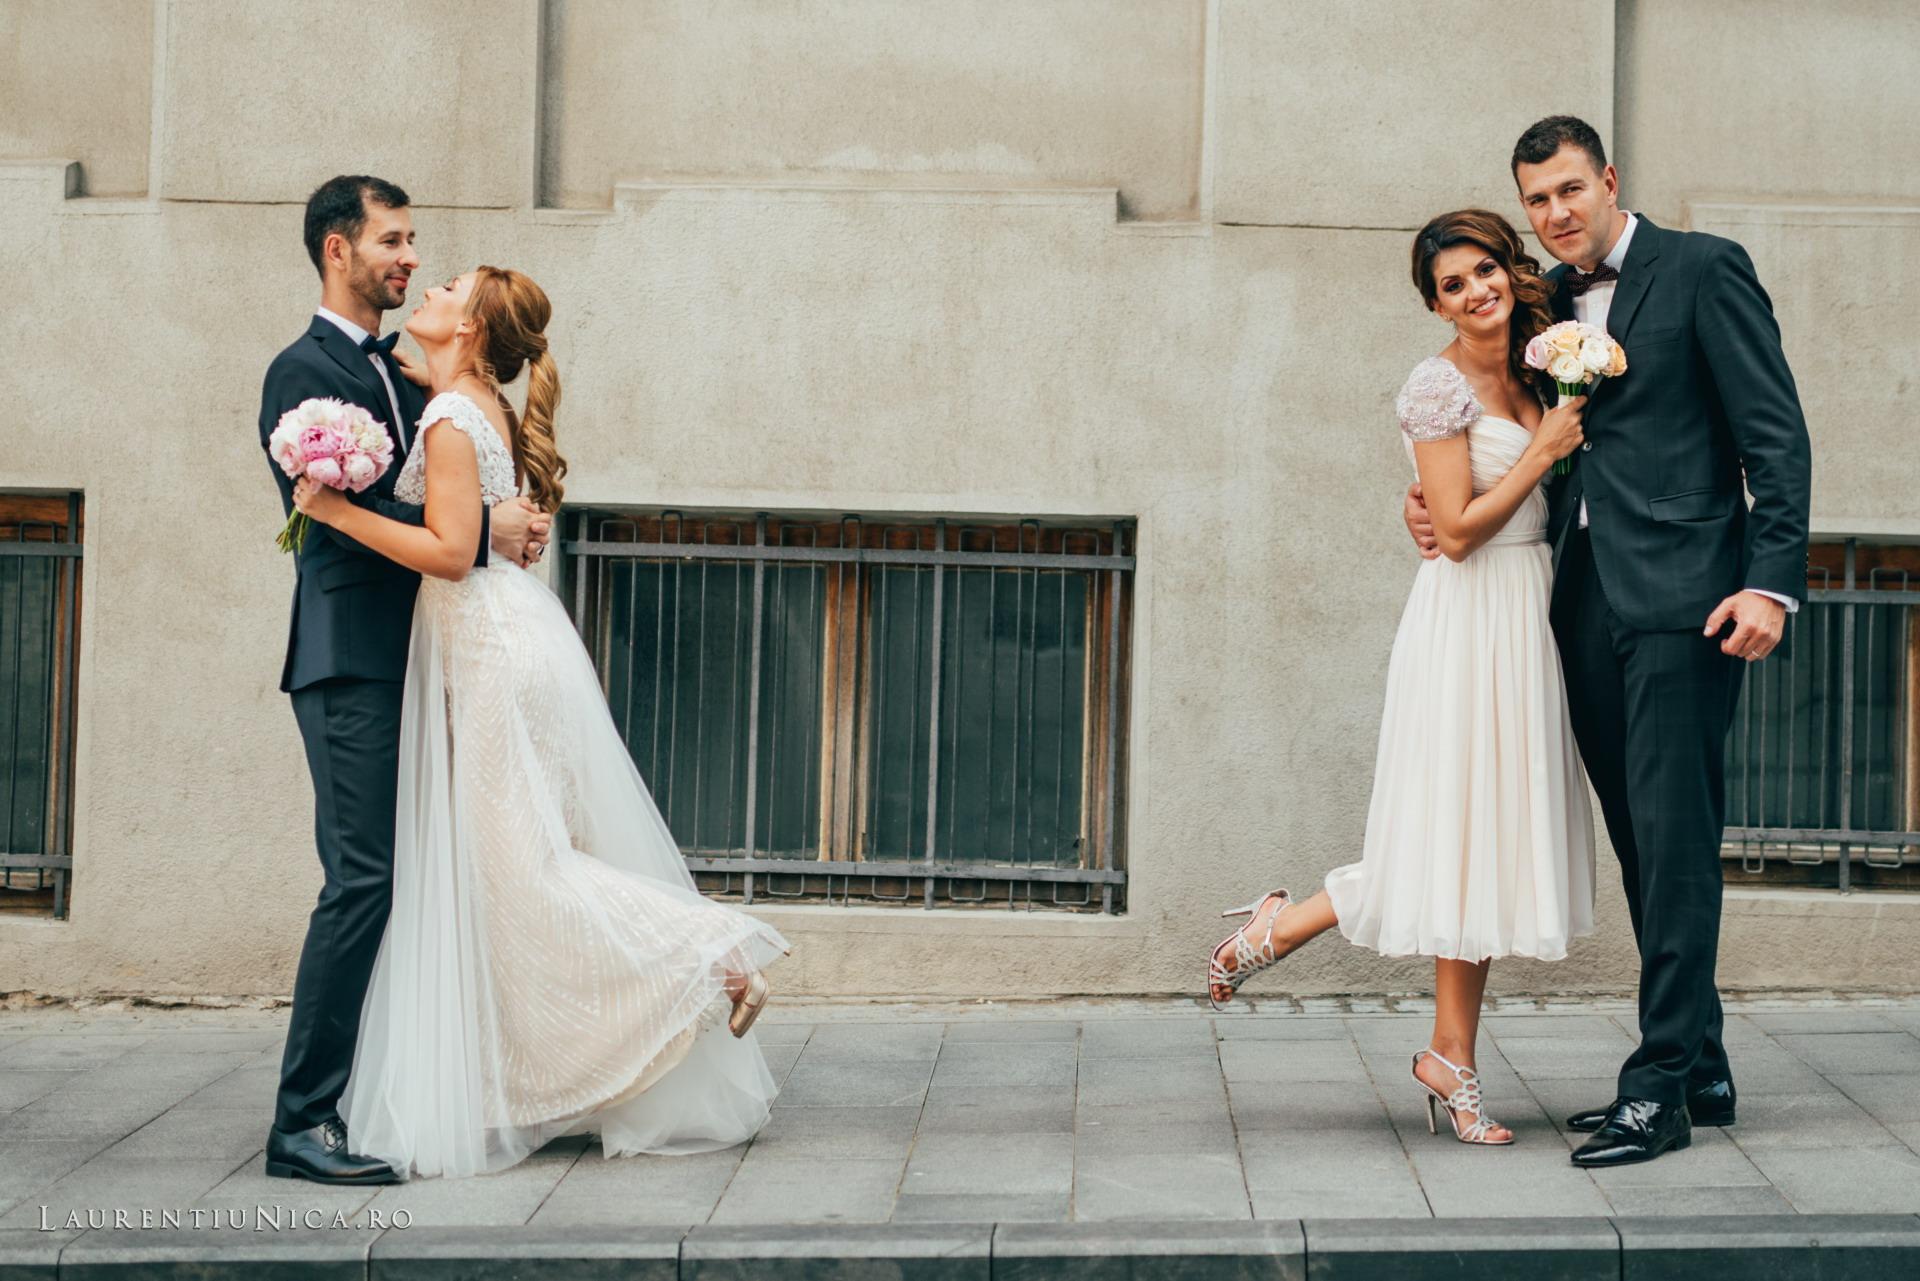 carolina si sorin craiova fotograf nunta laurentiu nica45 - Carolina & Sorin | Fotografii nunta